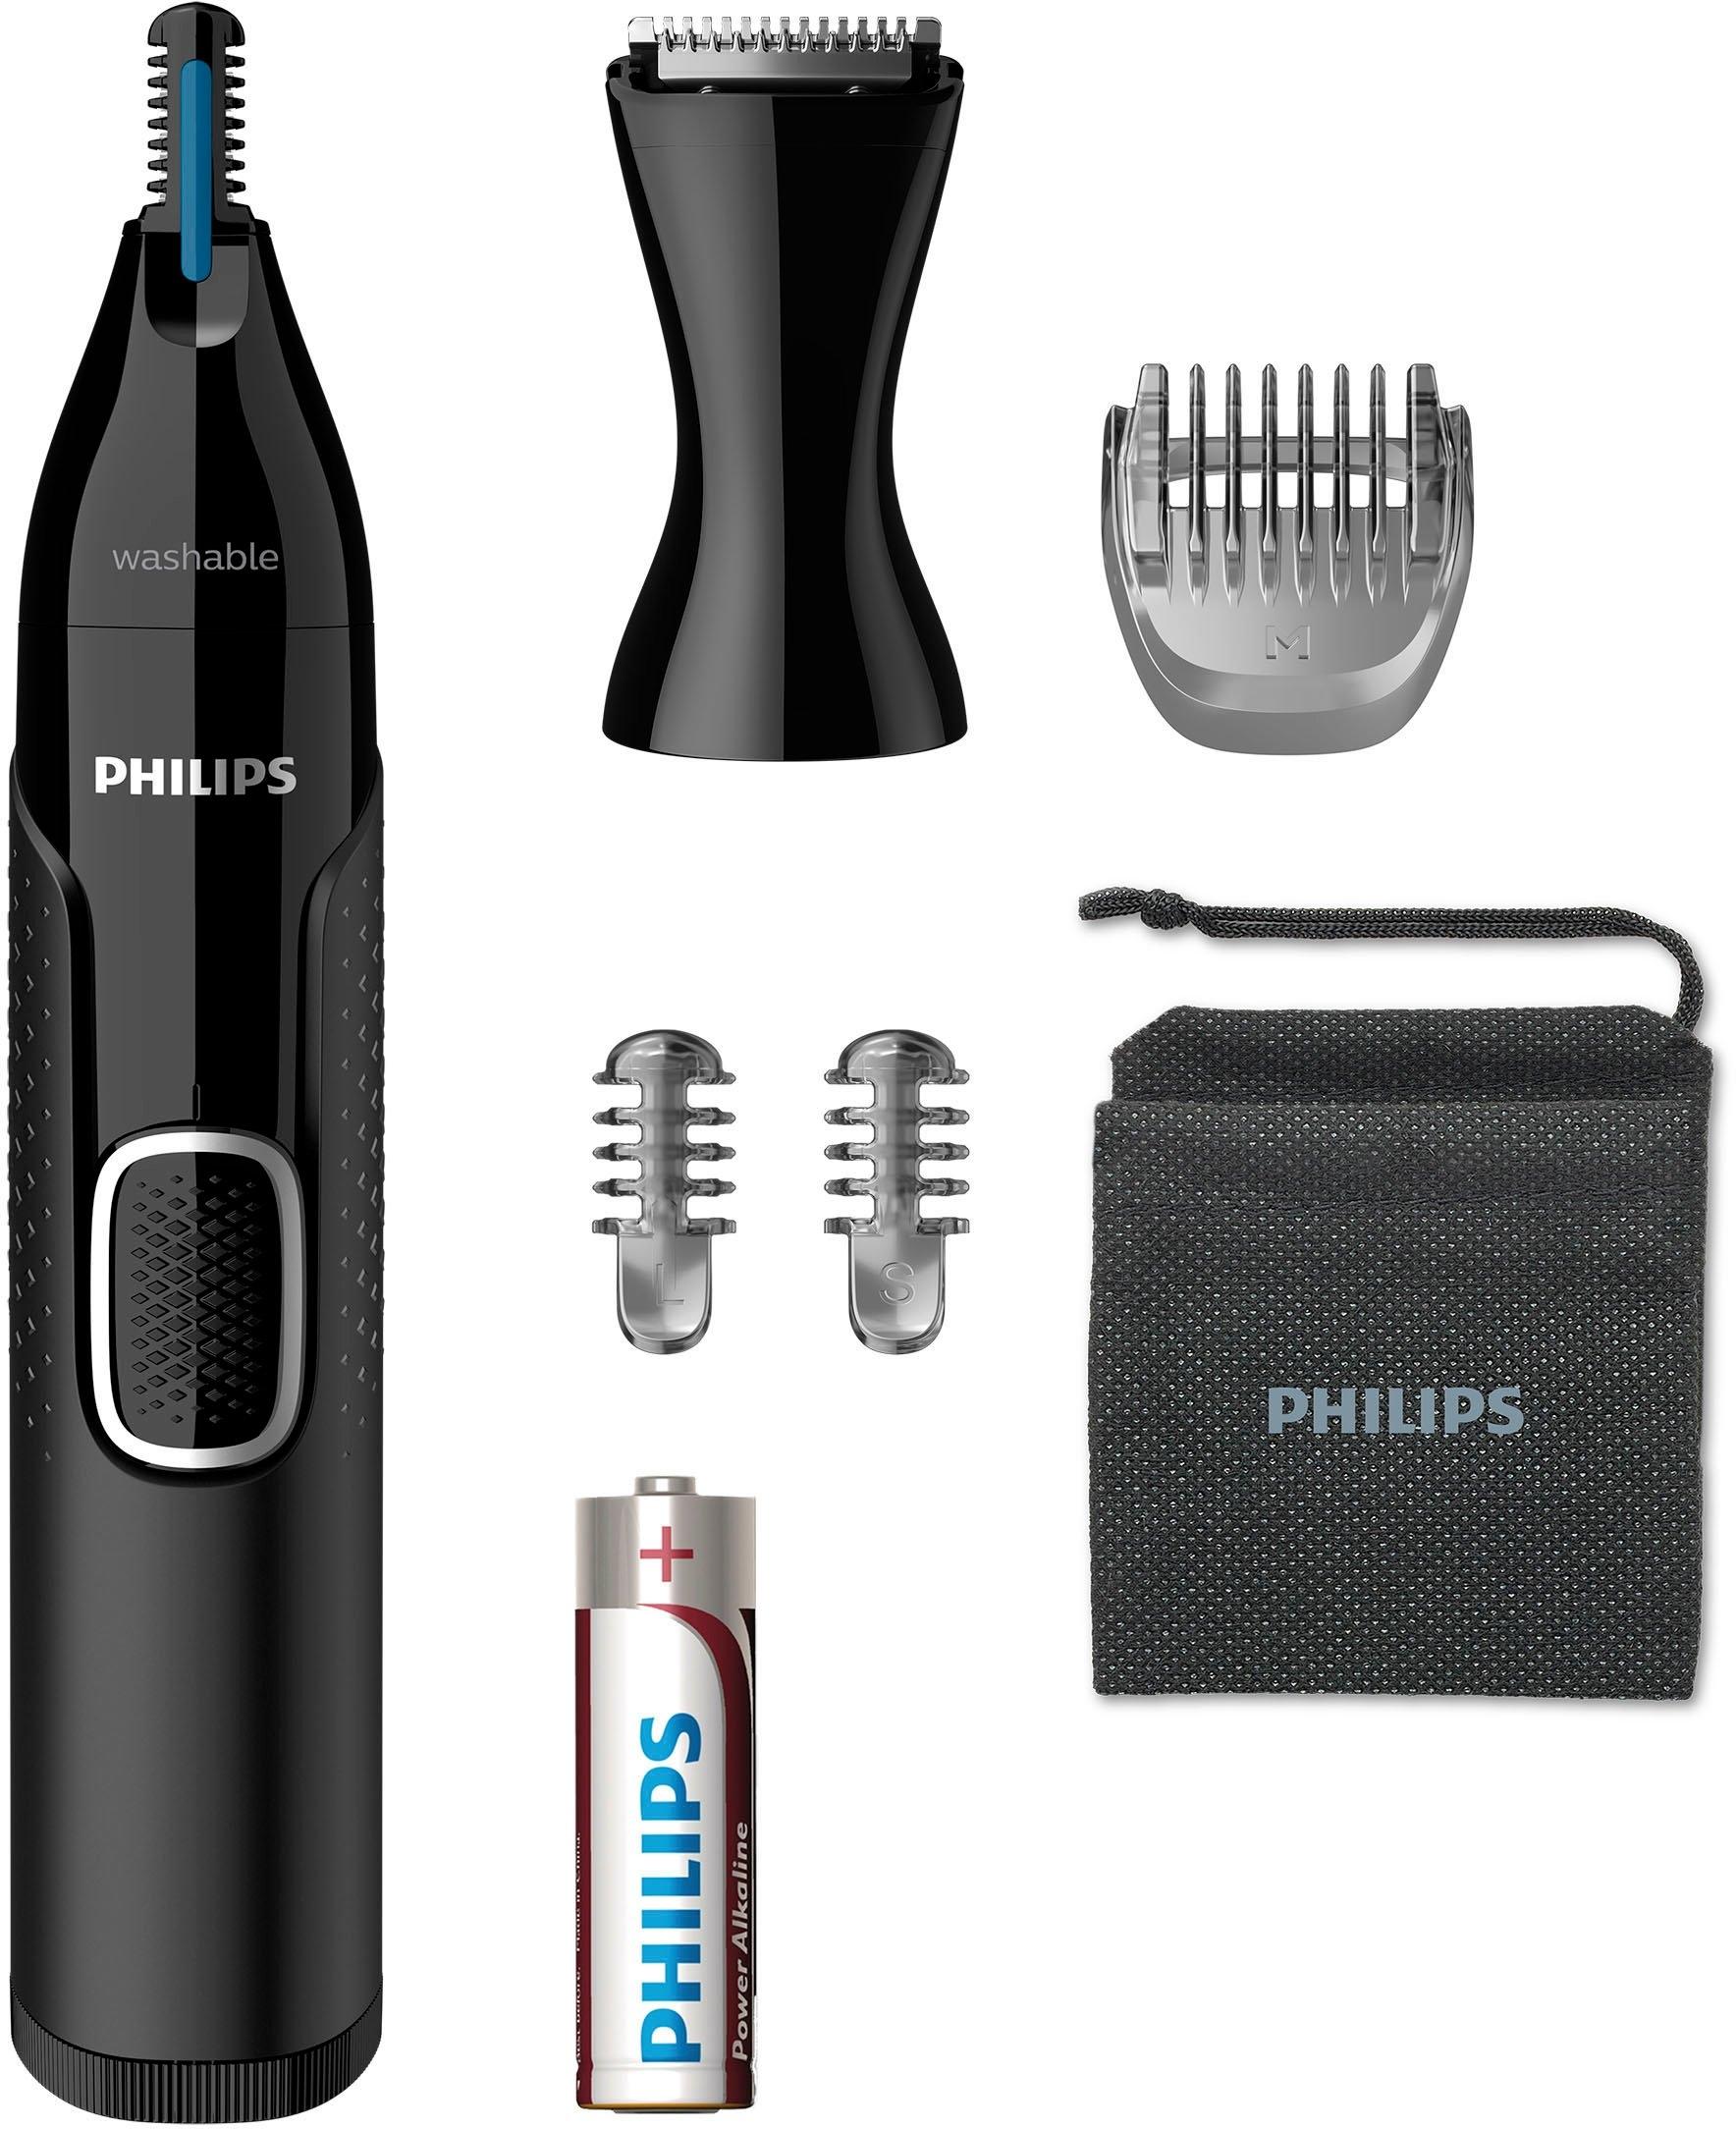 Philips neus- en oorhaartrimmer NT5650/16 ultiem comfort zonder pijn te doen bestellen: 30 dagen bedenktijd